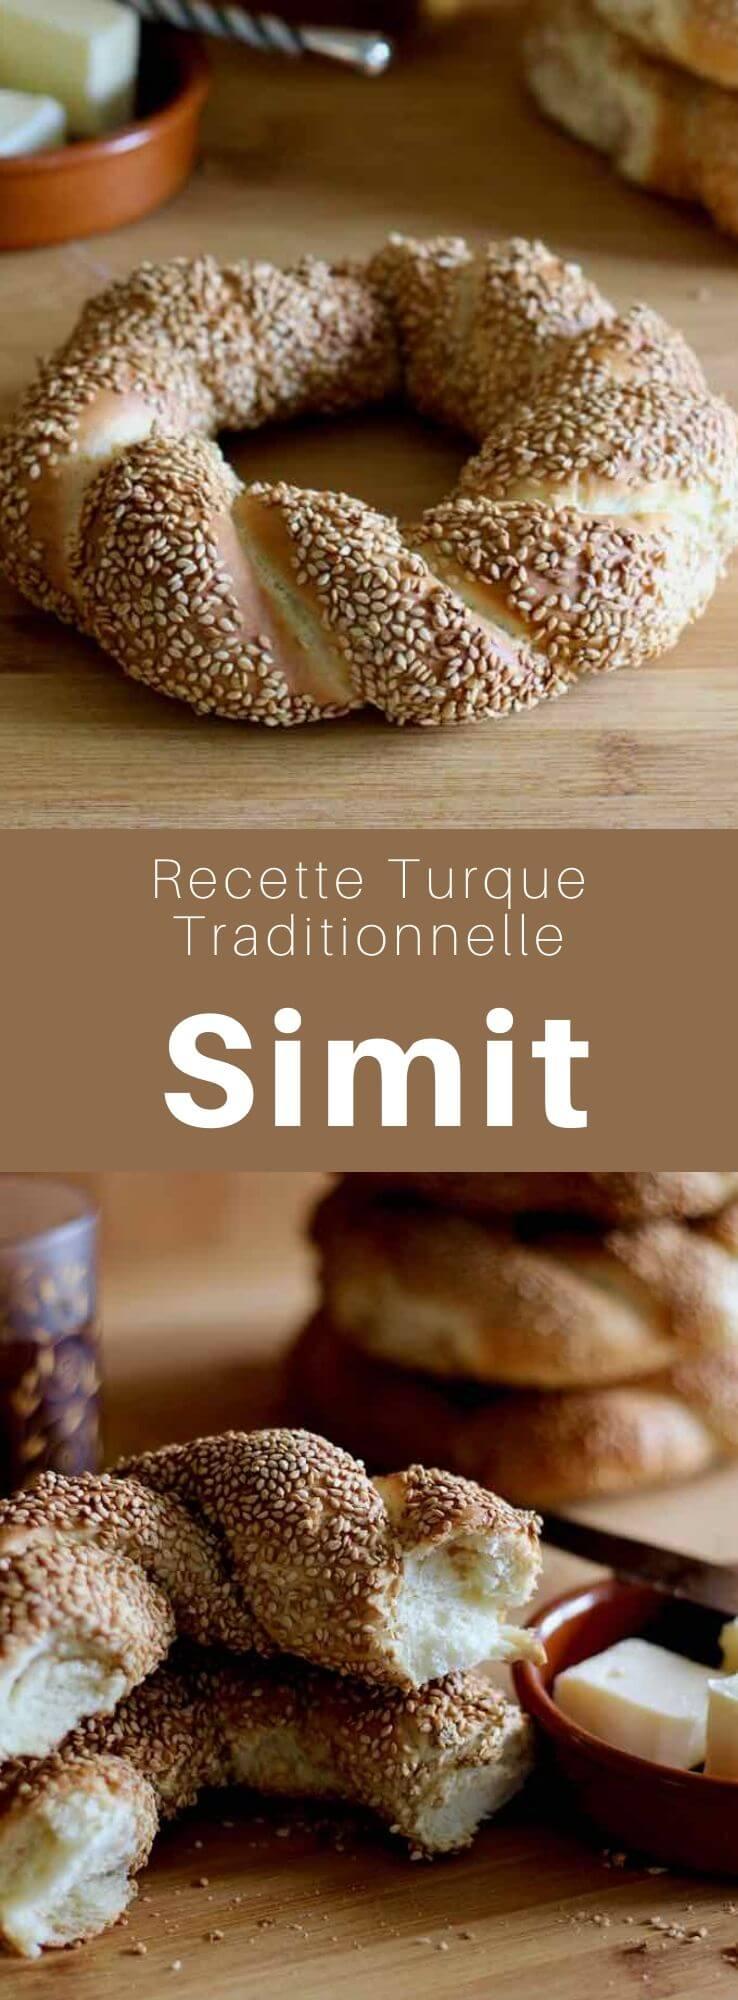 Le simit est un pain turc en forme d'anneau composé d'une croûte épaisse de graines de sésame, appelé également gevrek ou koulouri, et surnommé bretzel turc. #Turquie #RecetteTurque #CuisineTurque #CuisineDuMonde #196flavors